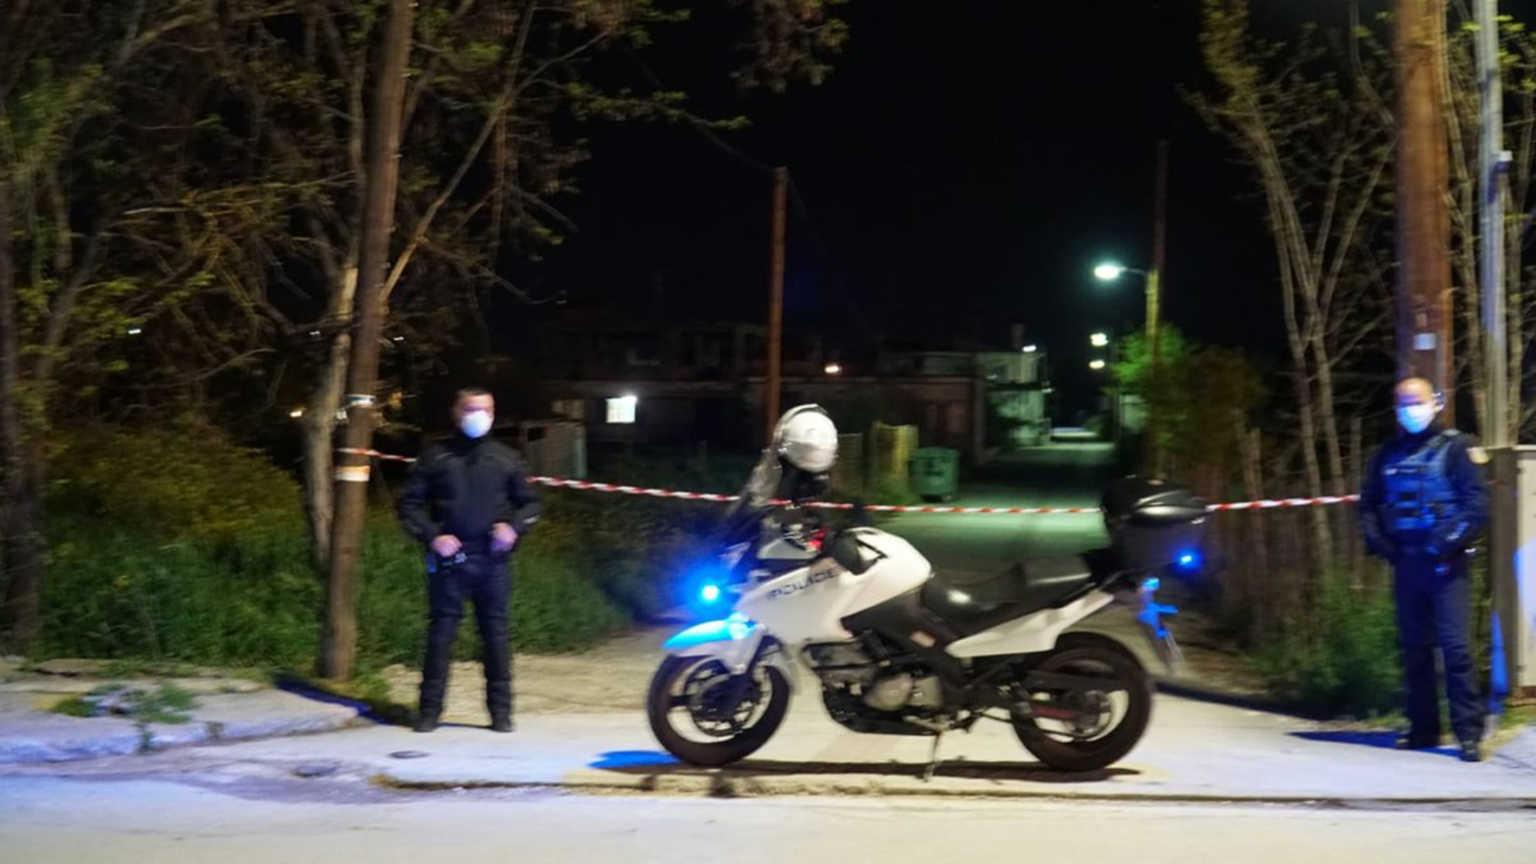 Κορονοϊός: Σε καραντίνα περιοχή στη Λάρισα λόγω δεκάδων κρουσμάτων